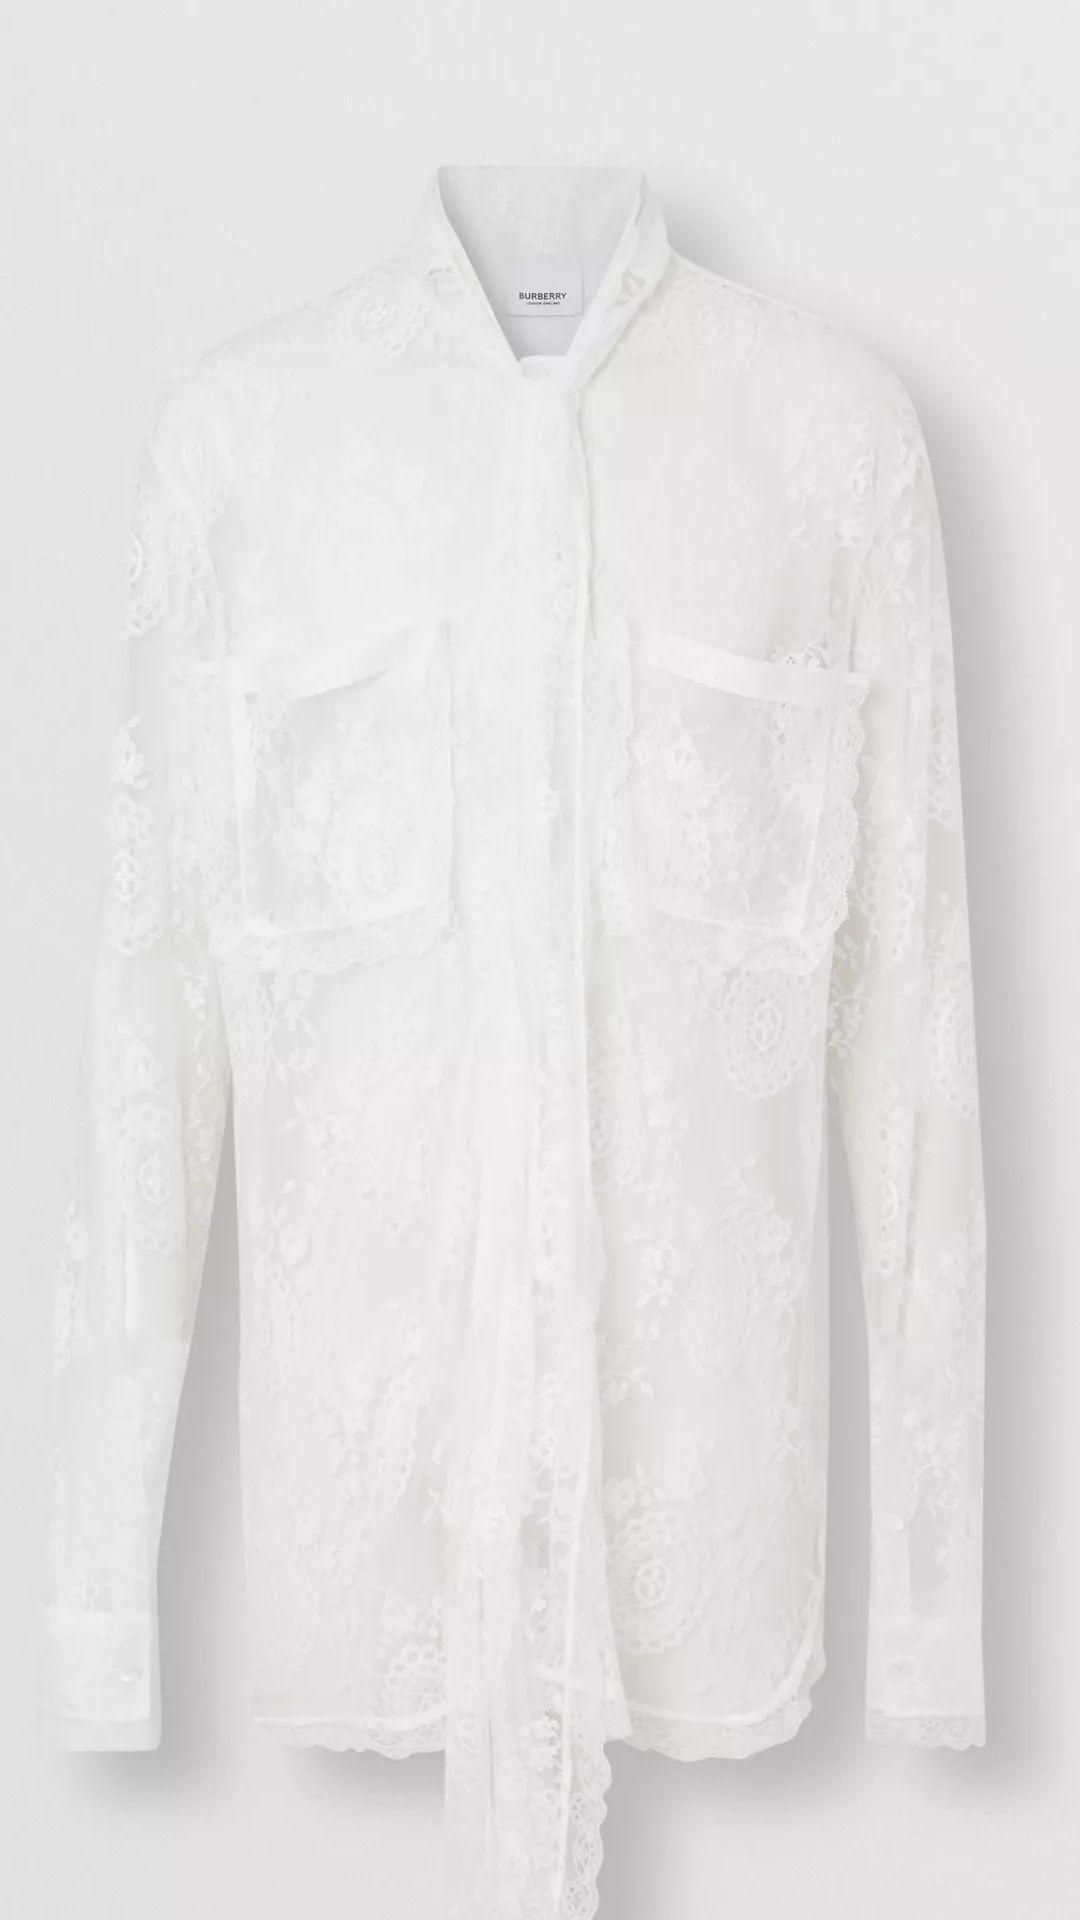 menswear, fashion, style, esquire hot drop, esquire, 2020